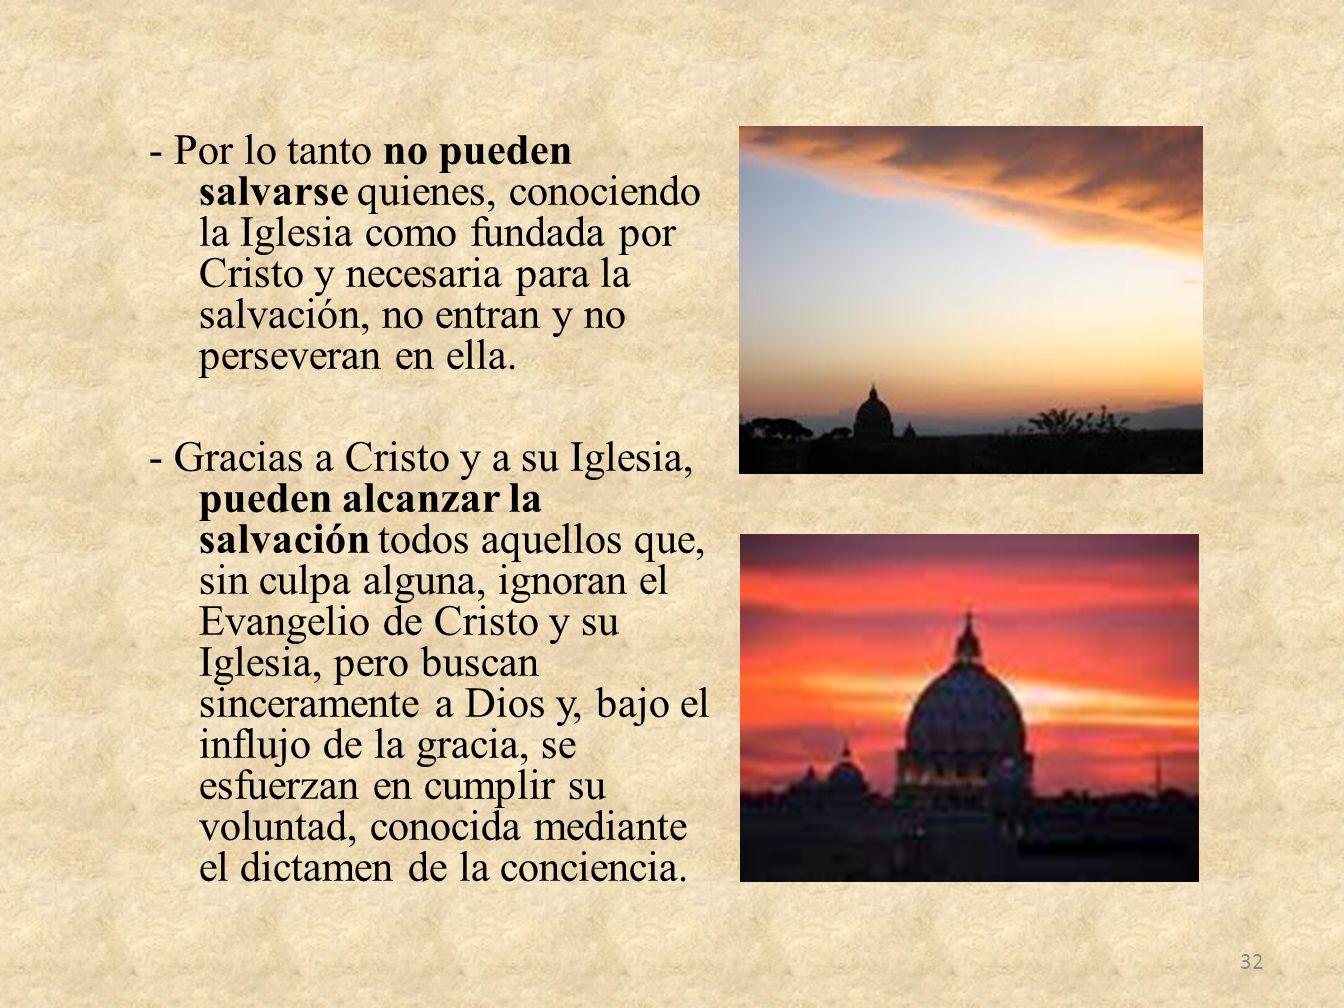 - Por lo tanto no pueden salvarse quienes, conociendo la Iglesia como fundada por Cristo y necesaria para la salvación, no entran y no perseveran en ella.